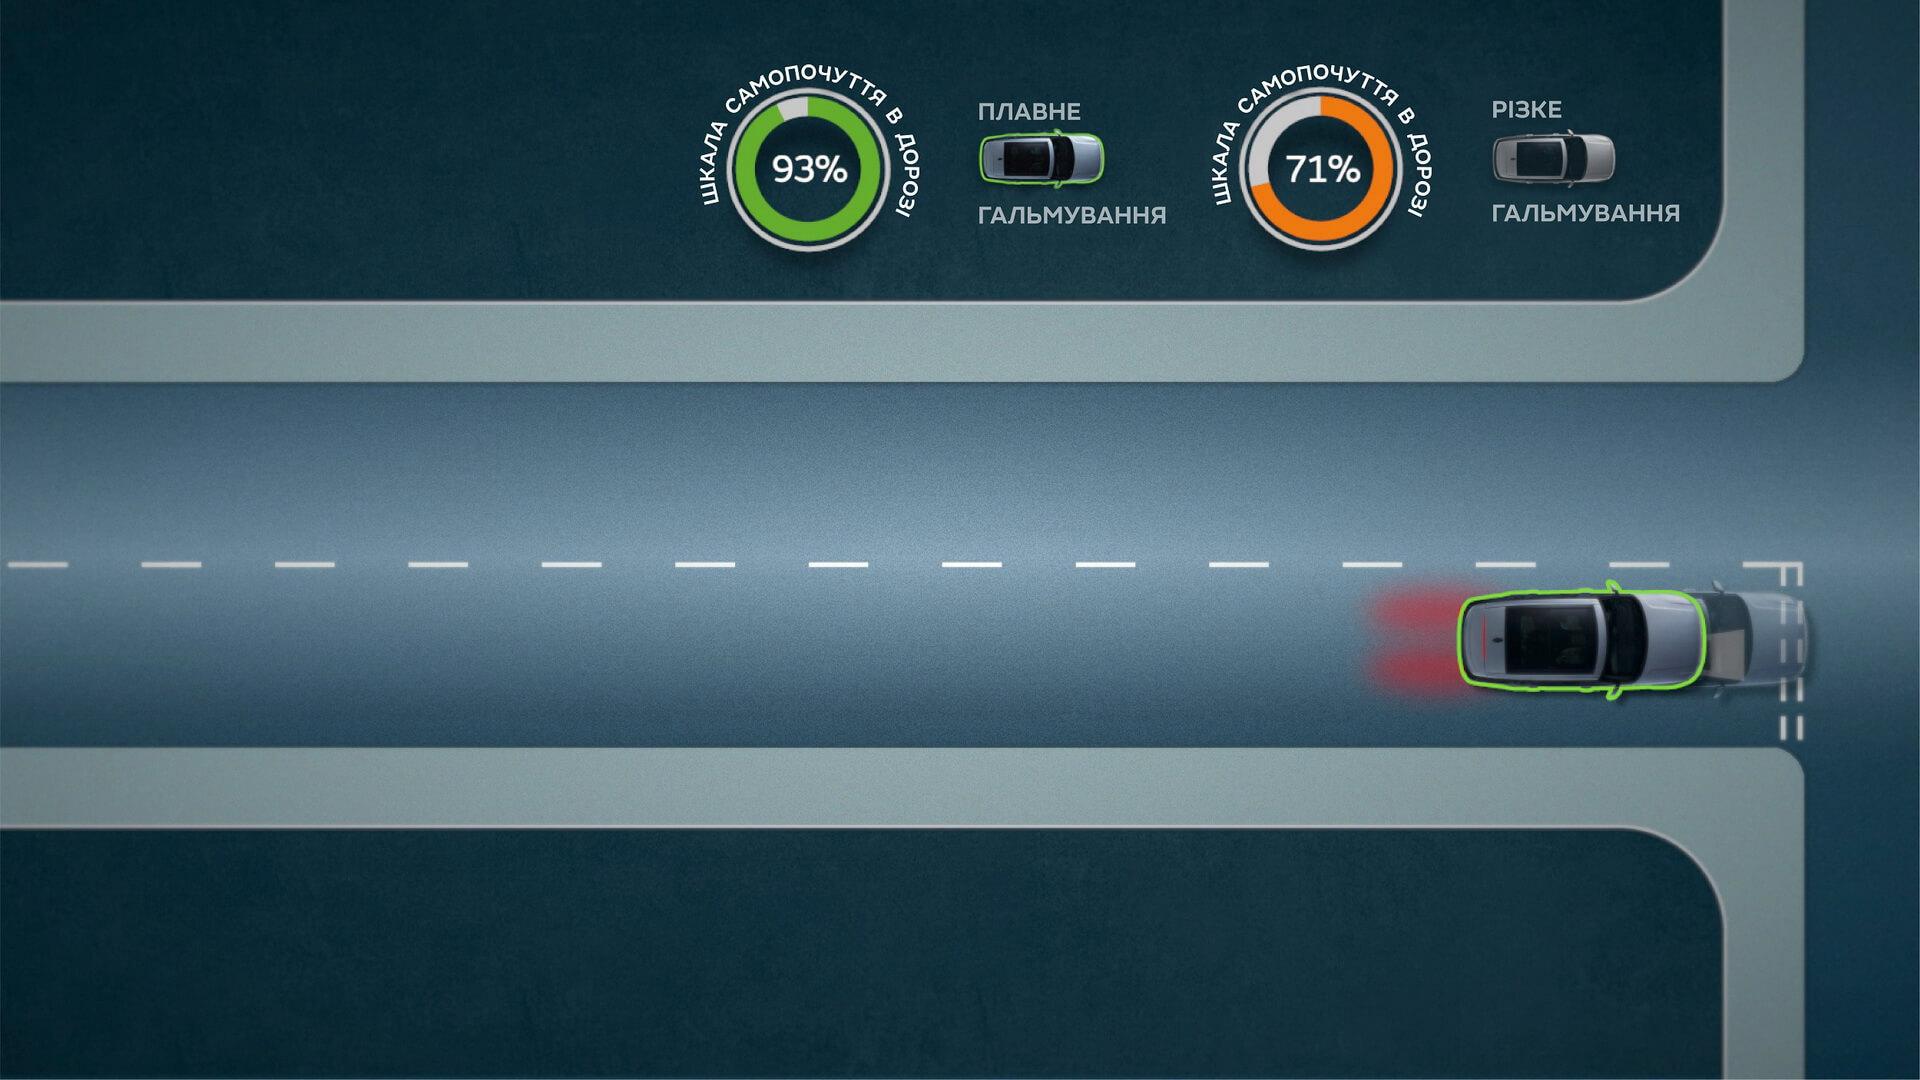 Компанія Jaguar Land Rover запрограмує автомобілі для руху так, щоб зменшити захитування пасажирів у салоні